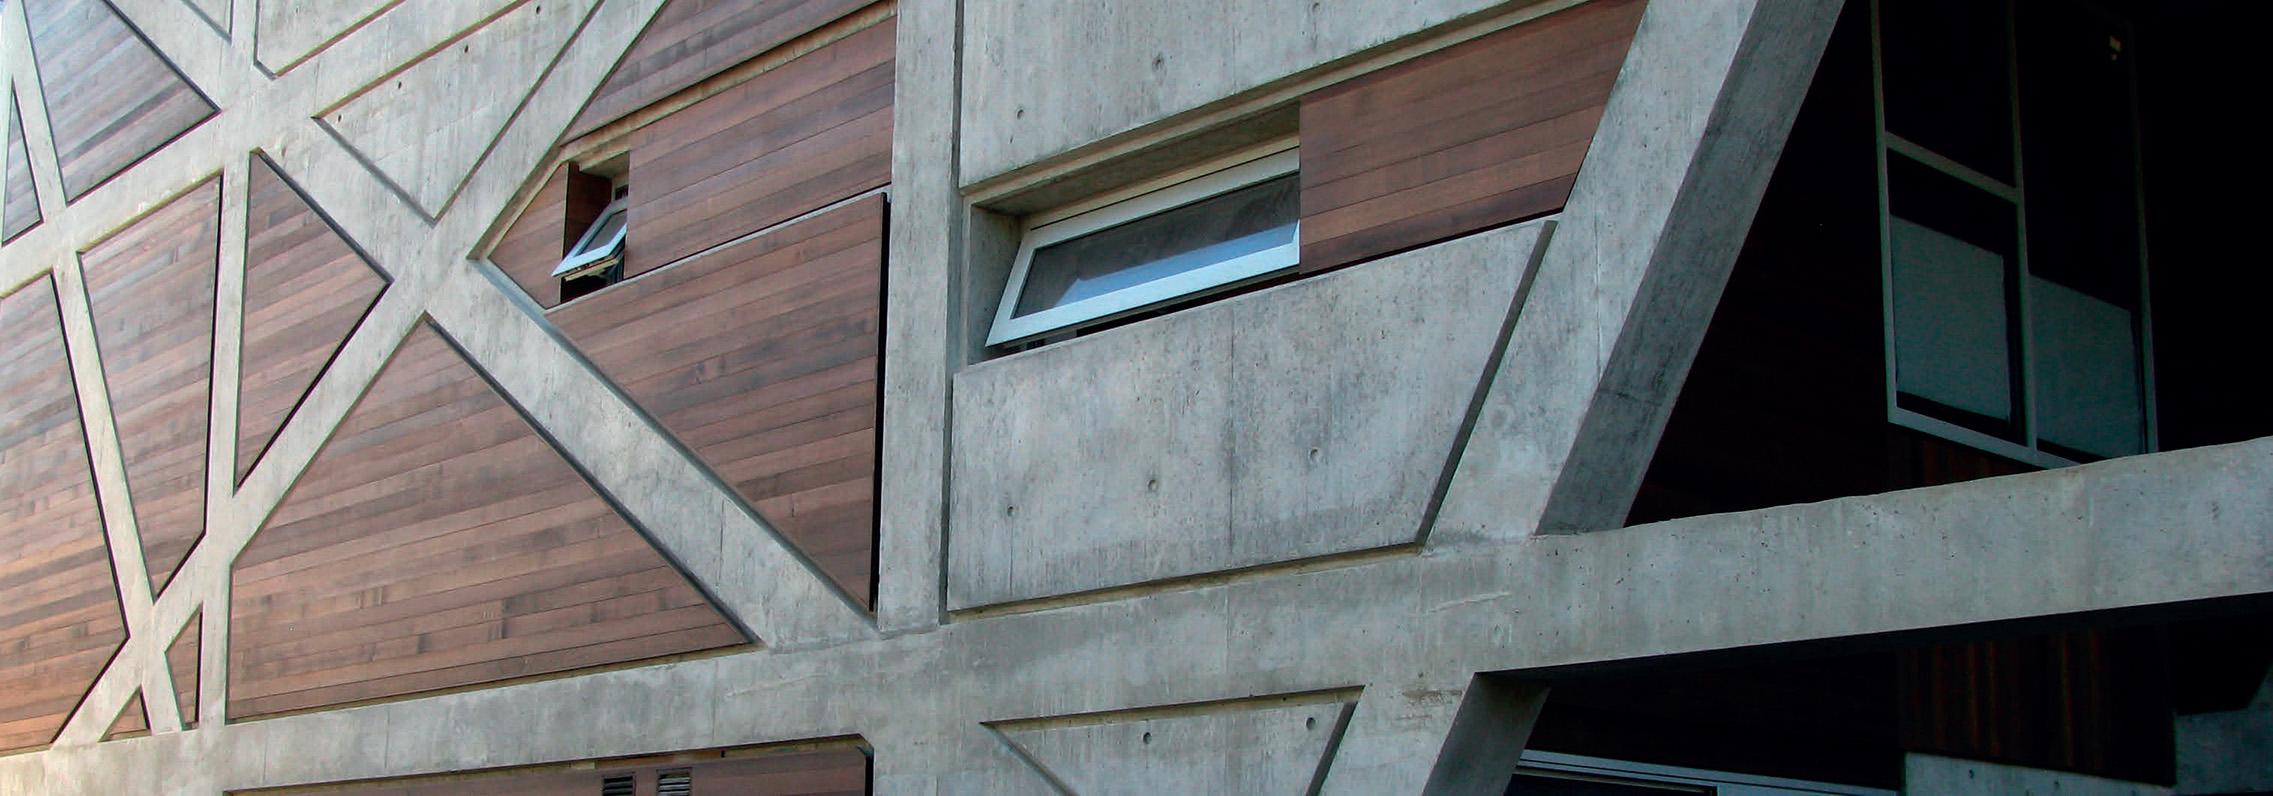 Pablo Rojas, Vancouver CA: Es Arquitecto bogotano graduado de la Universidad de los Andes (1996). Se involucra al graduarse con Curaduría Urbana y se expone a proyectos en volumen y desarrolla su conocimiento de códigos y su interpretación. Luego, como parte del Ministerio del Medio Ambiente, trabaja en el grupo de arquitectura de la Unidad de Parques Nacionales Naturales. Casa 1708 Western PW: Ganador del Premio de Arquitectura Diáspora Colombiana – Bronce.